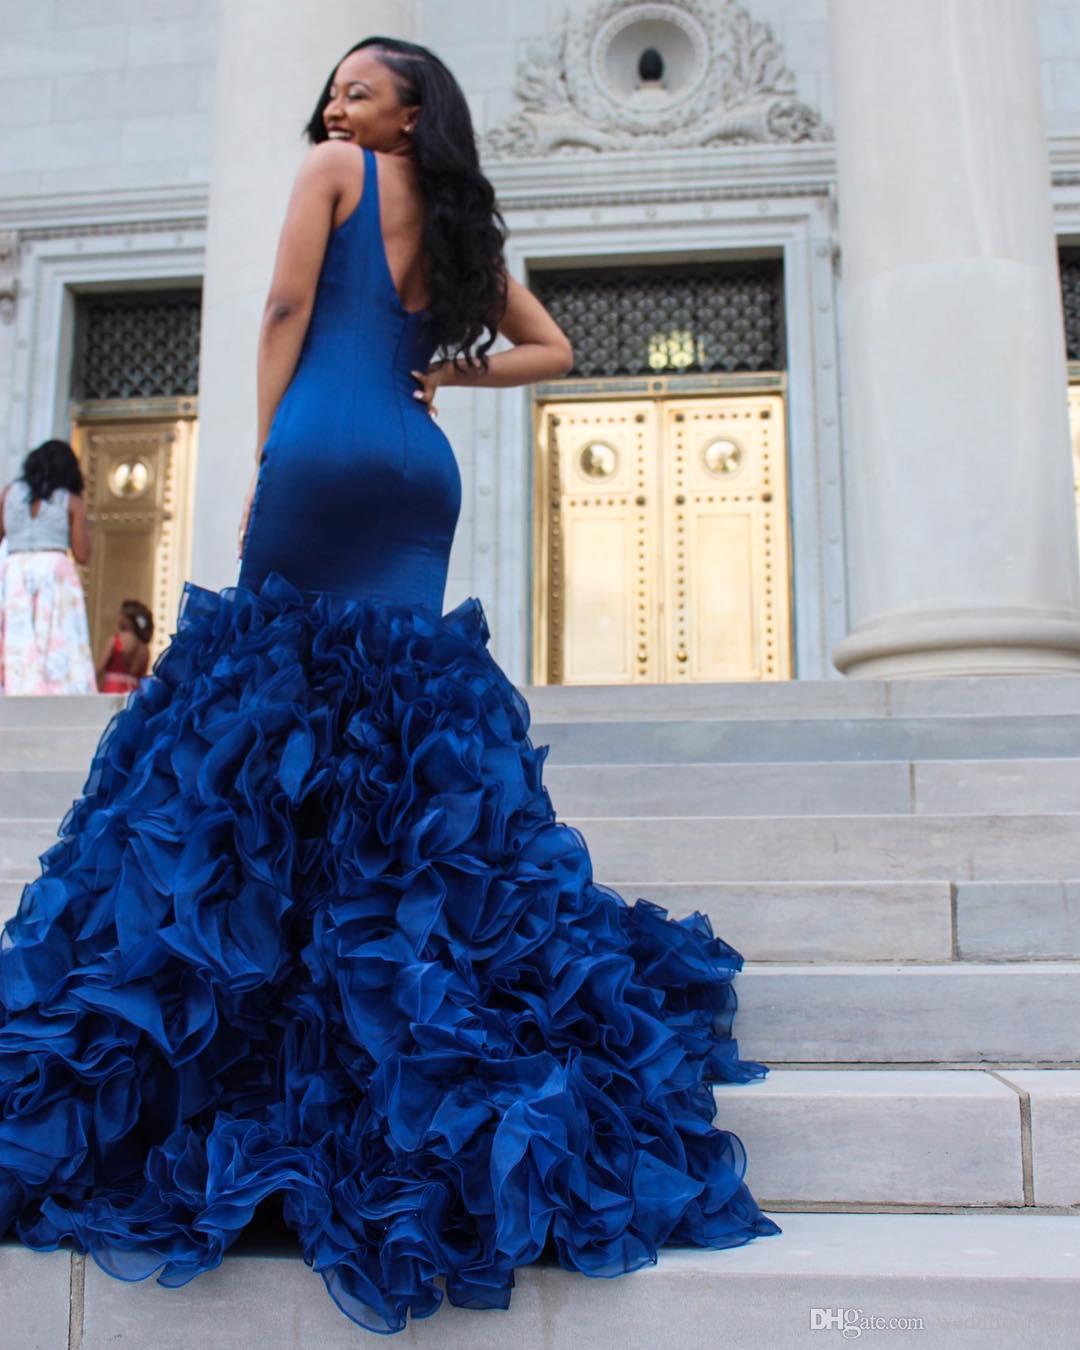 2021 Royal Blue Prom Dresses Abiti da sera Sexy Deep V Collo a V senza maniche Mermaid Ruffles Gonna Organza Gonna Formale Abiti da partito